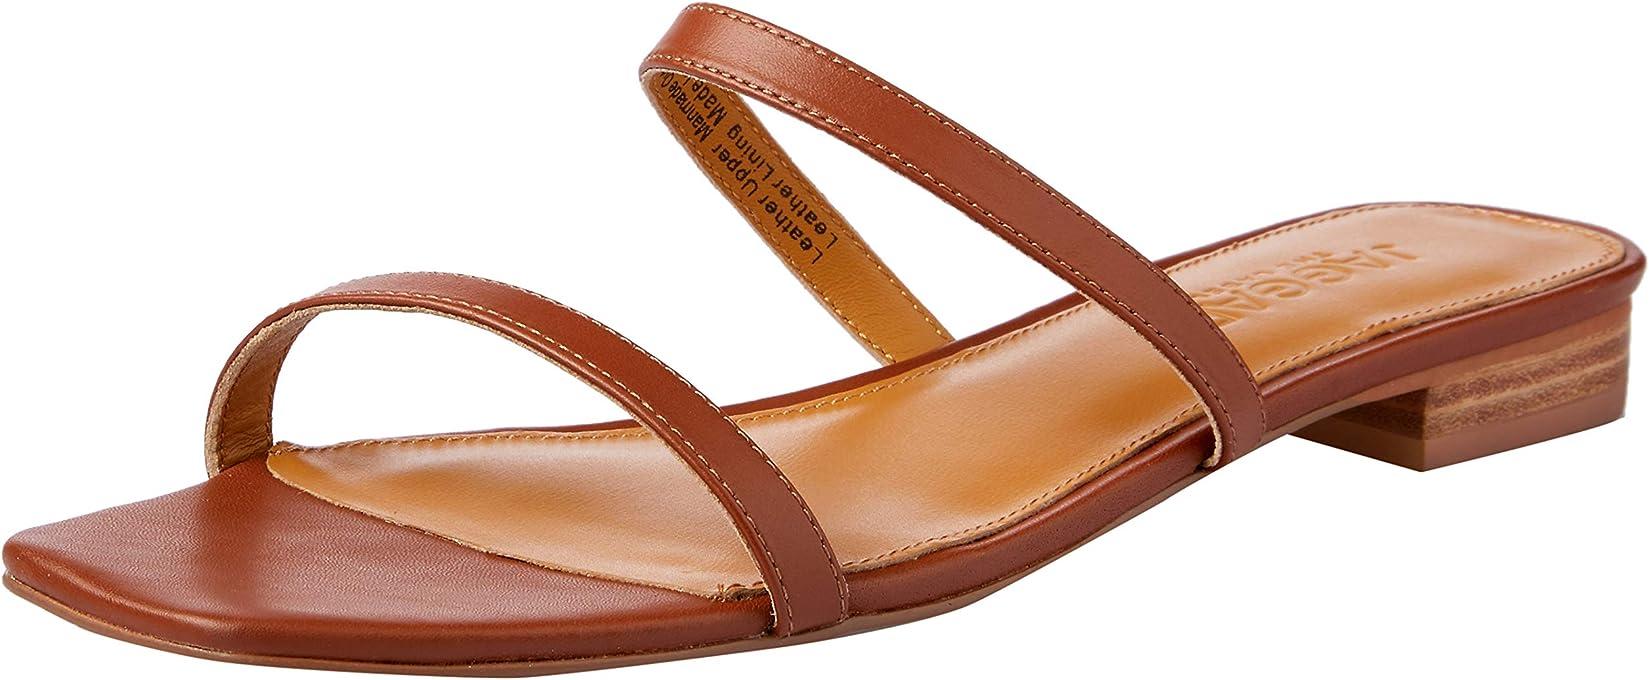 Jaggar Women's Sprung Flat Slide